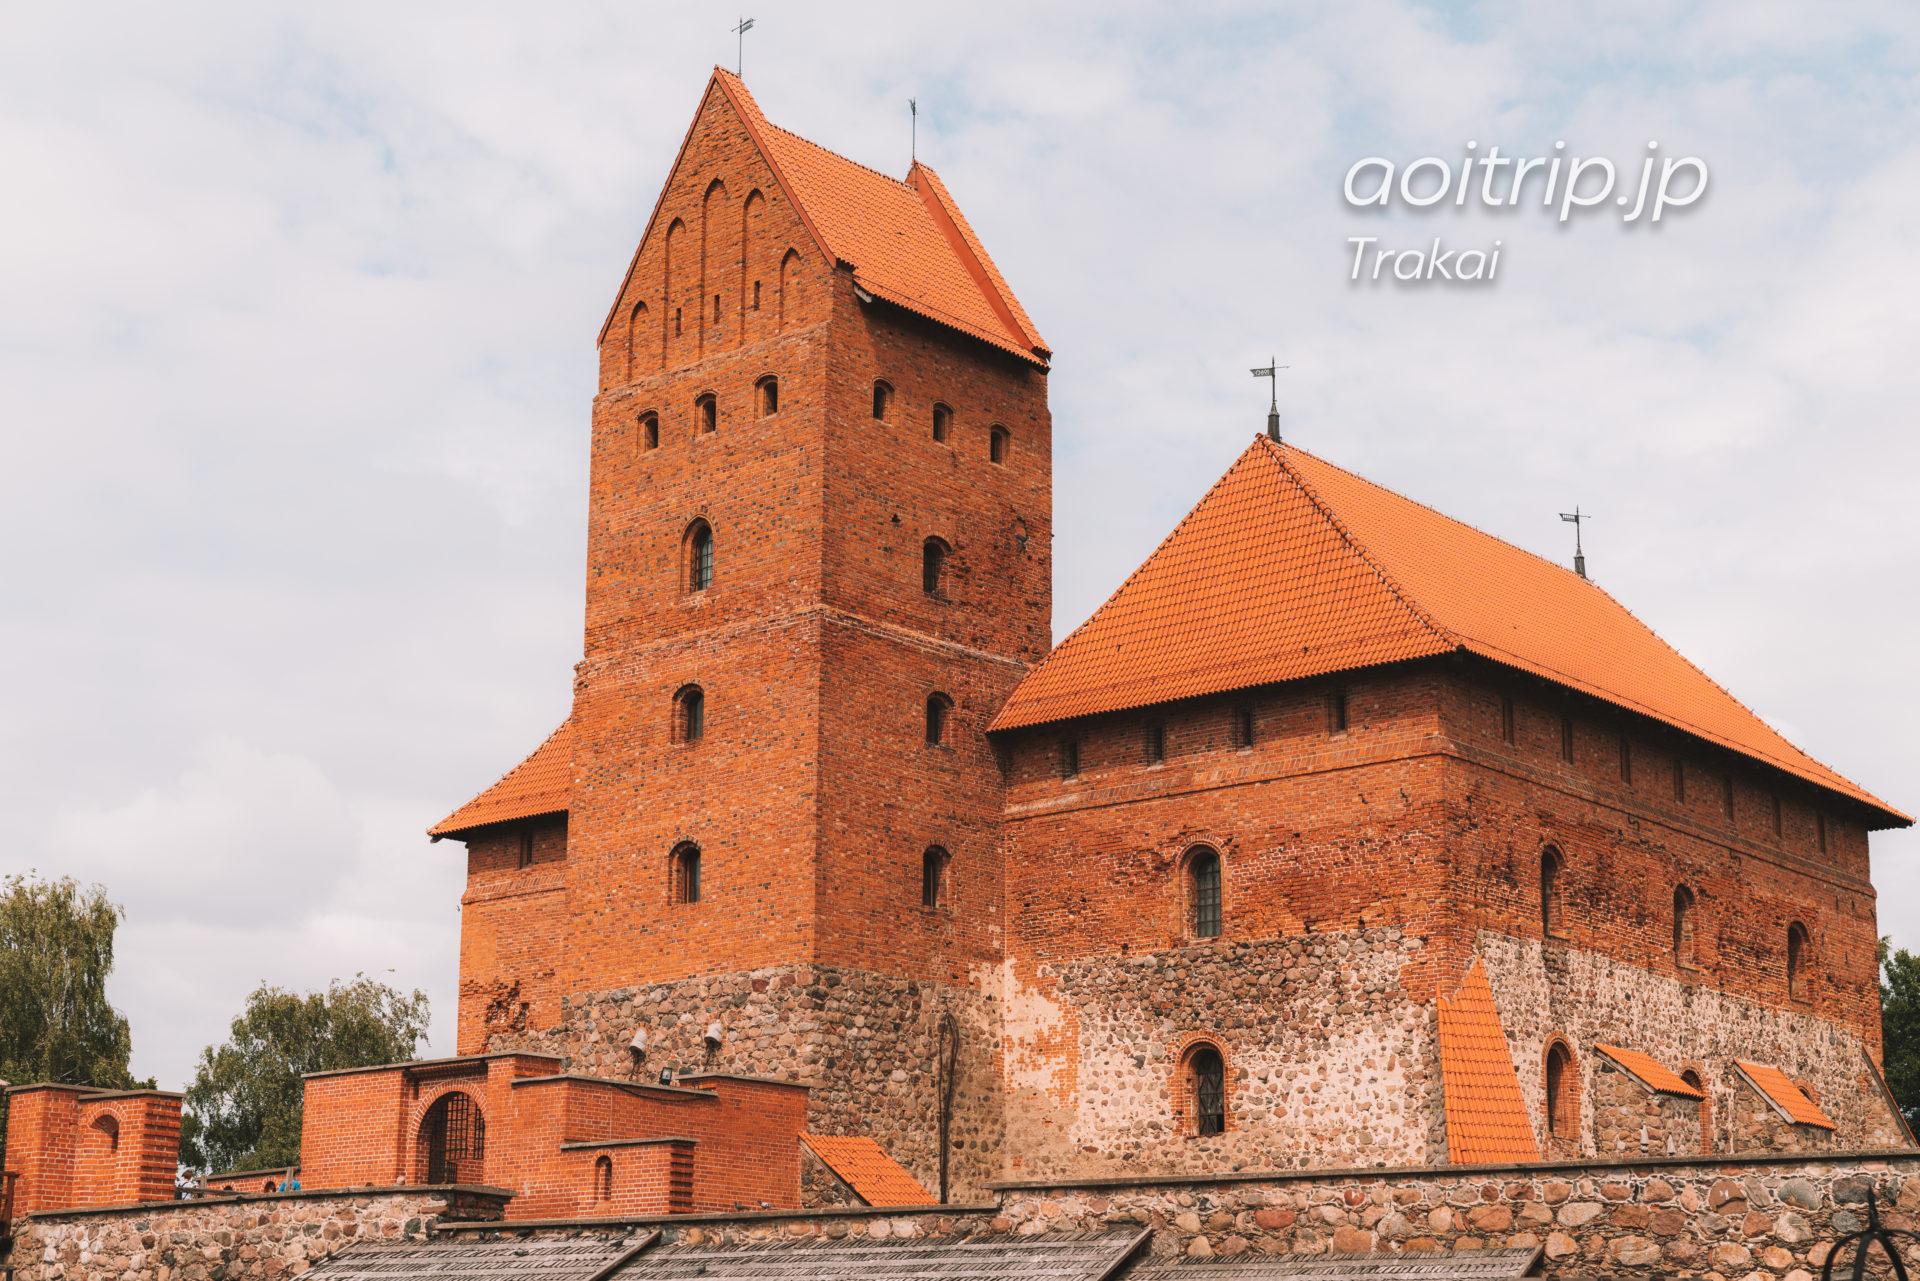 トゥラカイ城 Trakų salos pilis